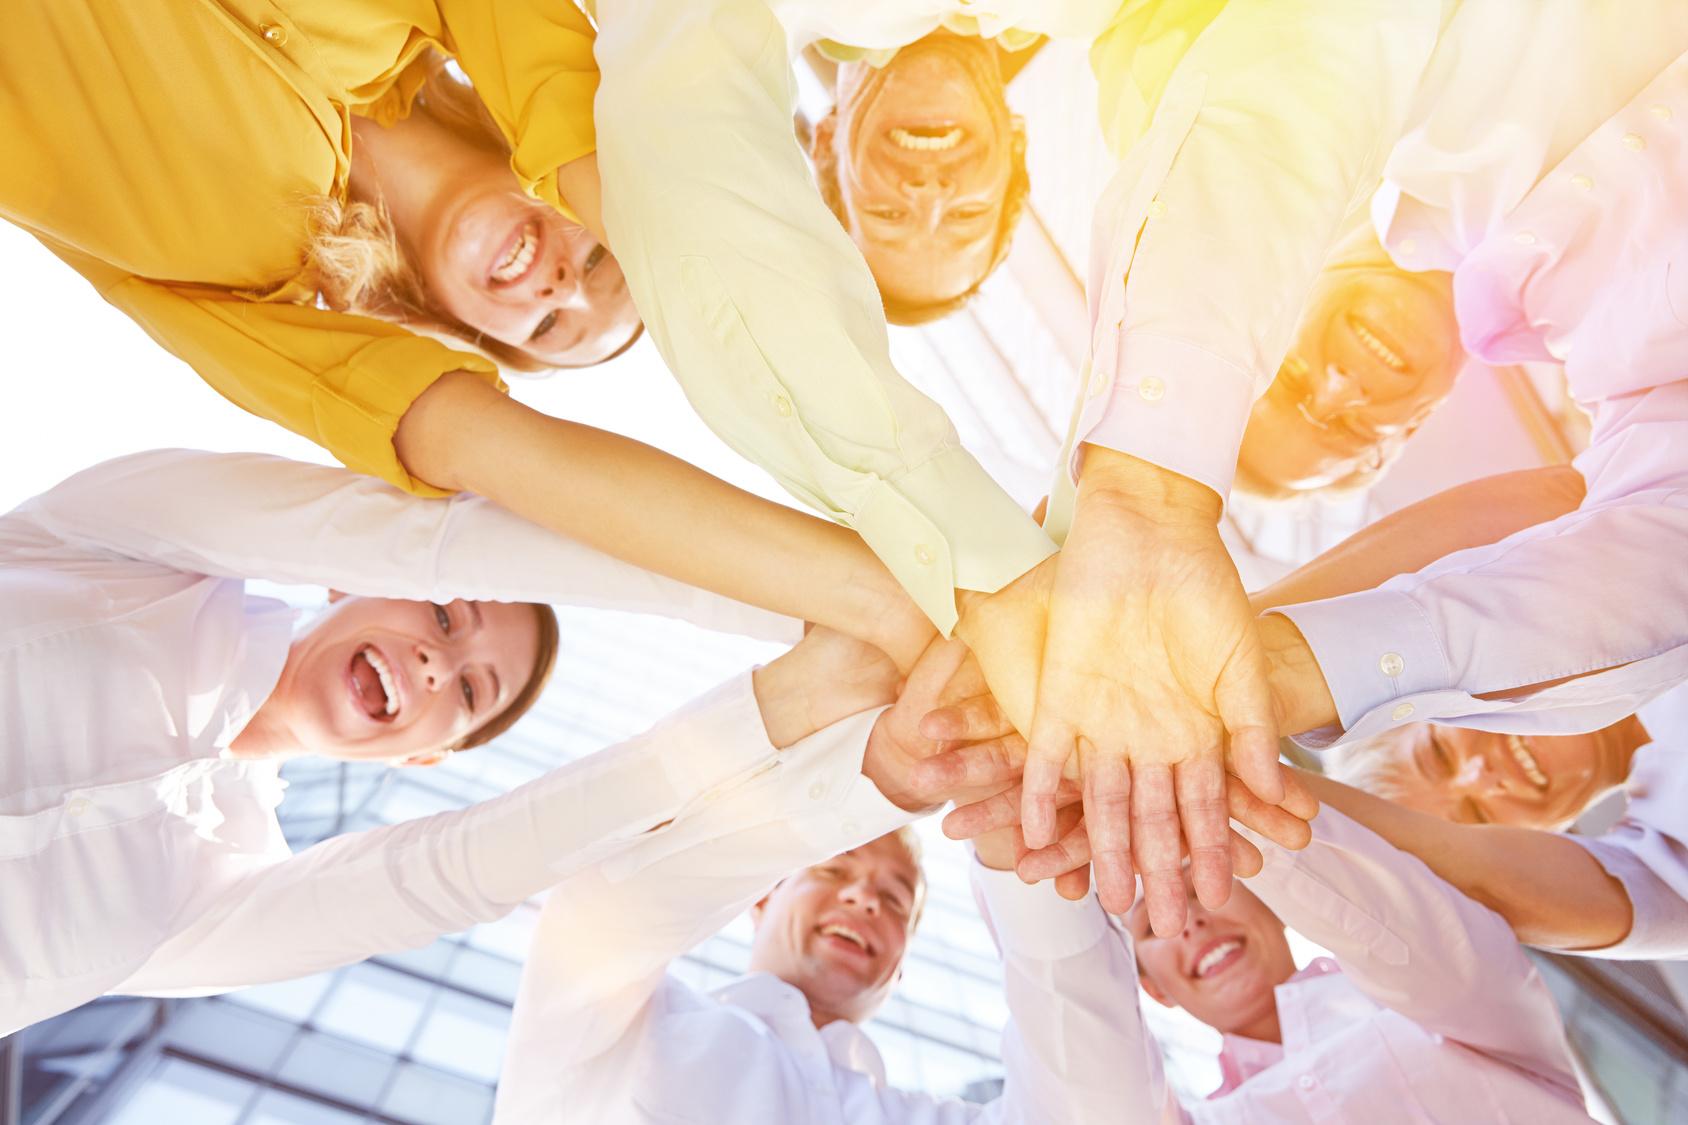 Equipo de personas juntando las manos